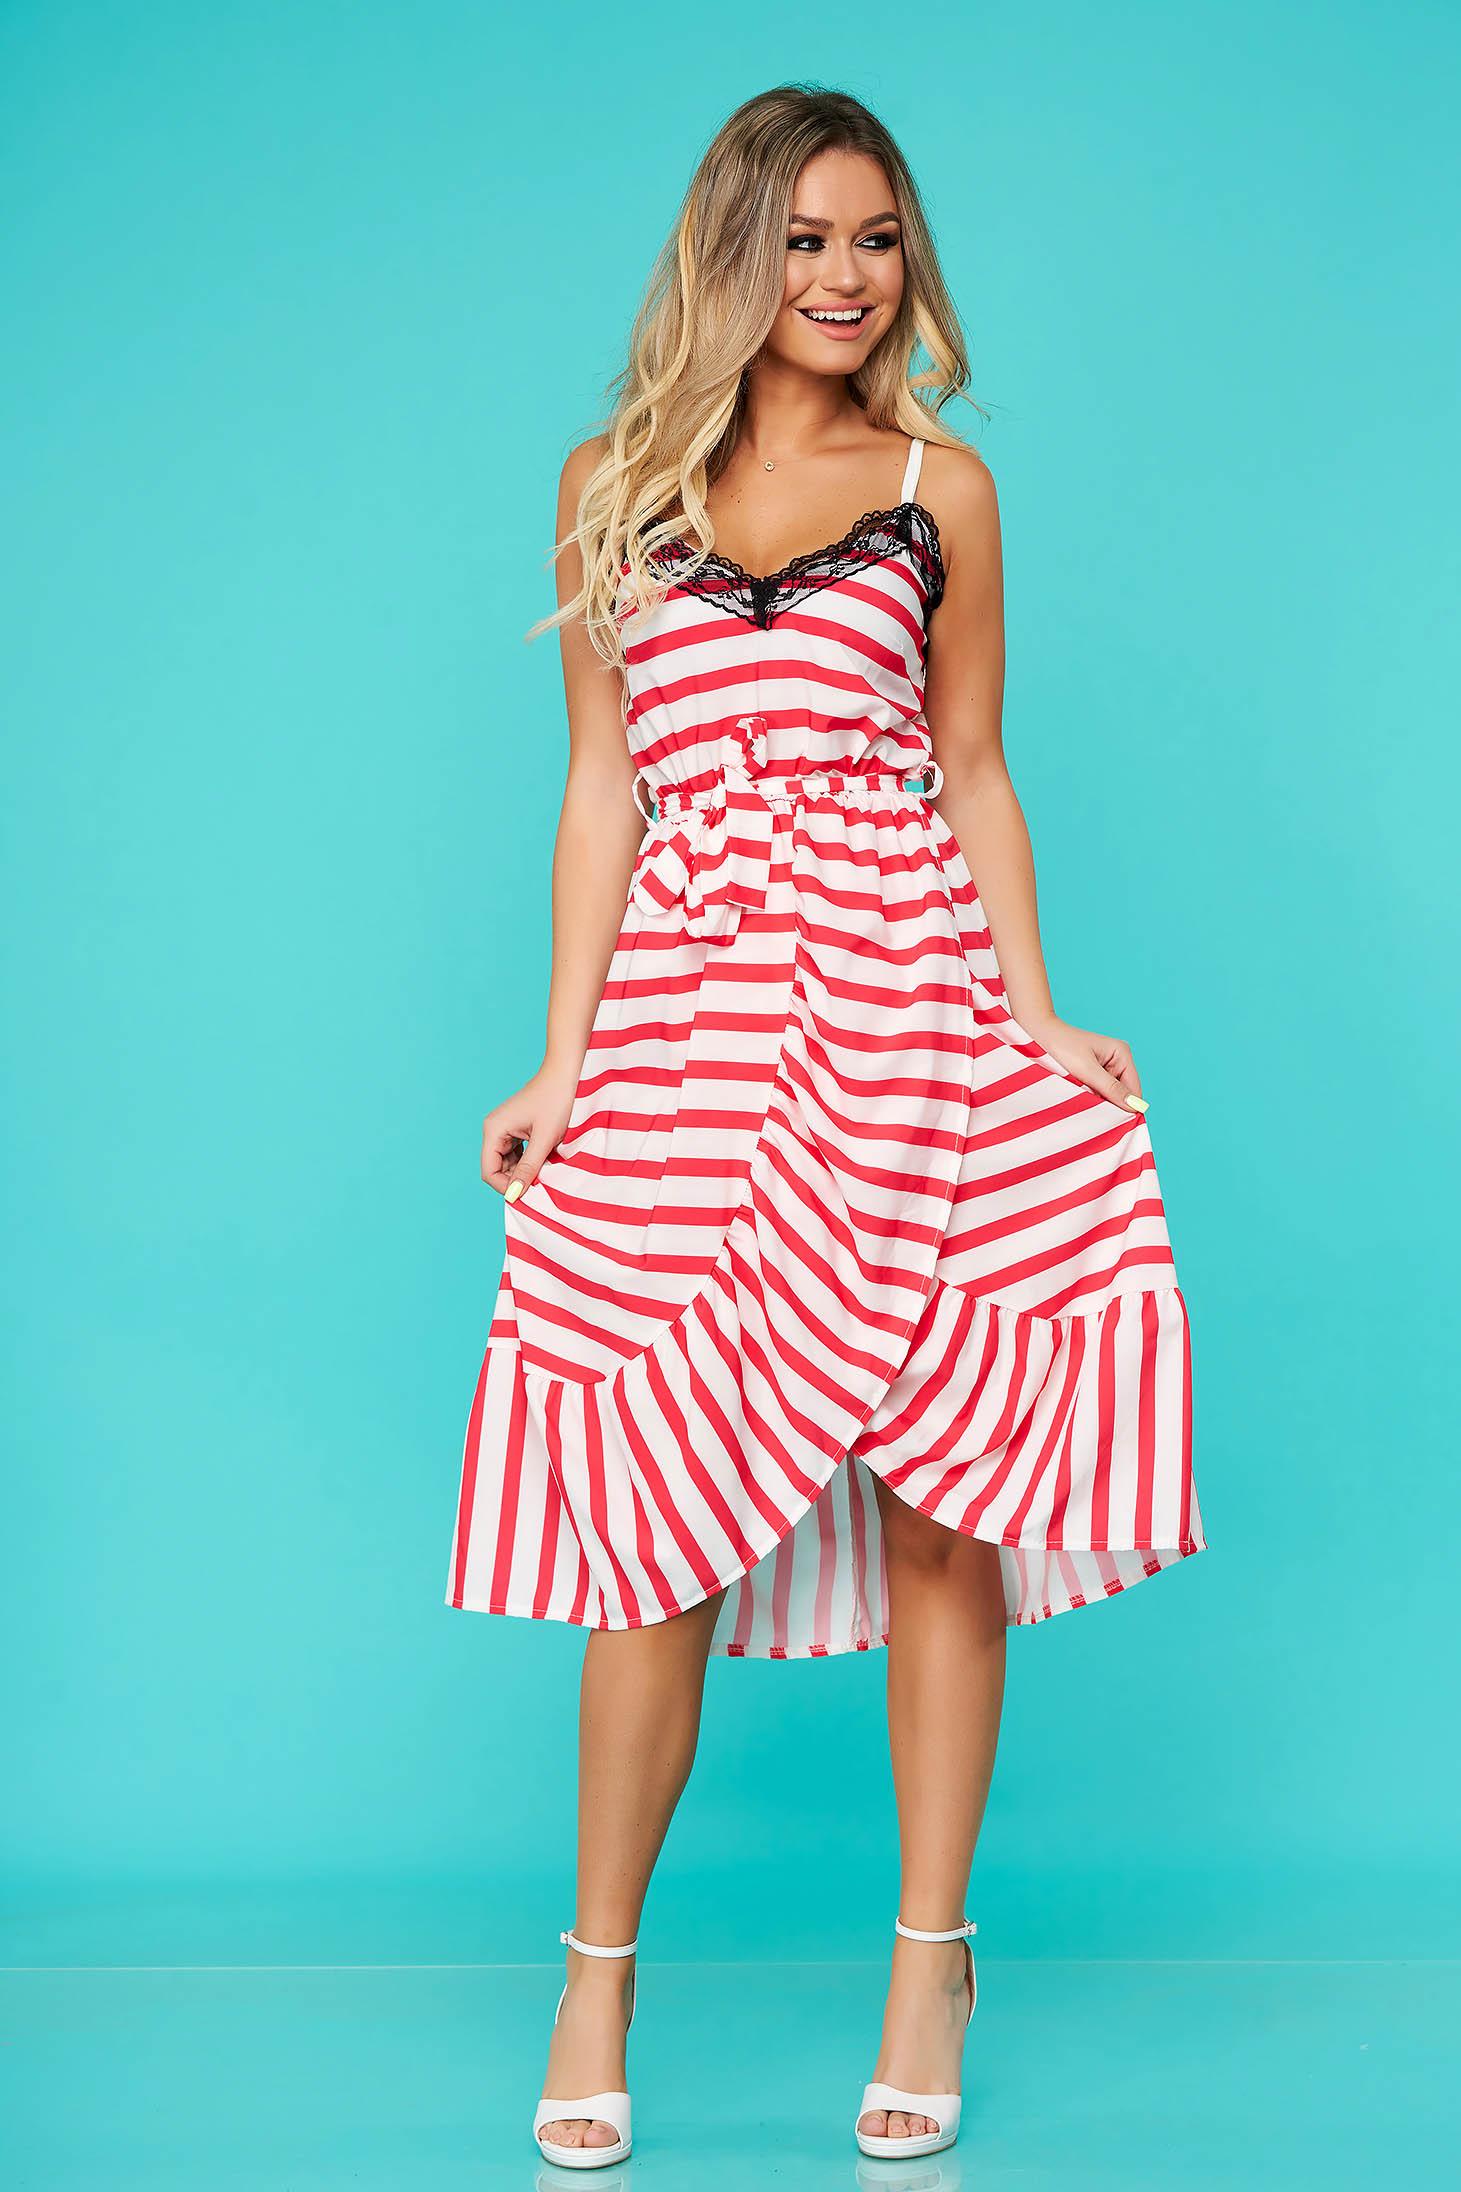 Rochie SunShine rosie de zi cu elastic in talie cu decolteu in v cu volanase la baza rochiei